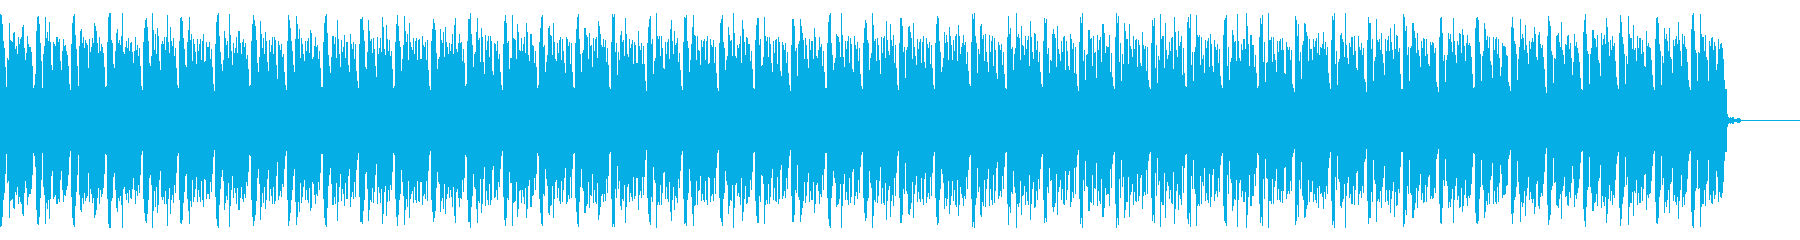 ニュース・報道番組用BGMの再生済みの波形